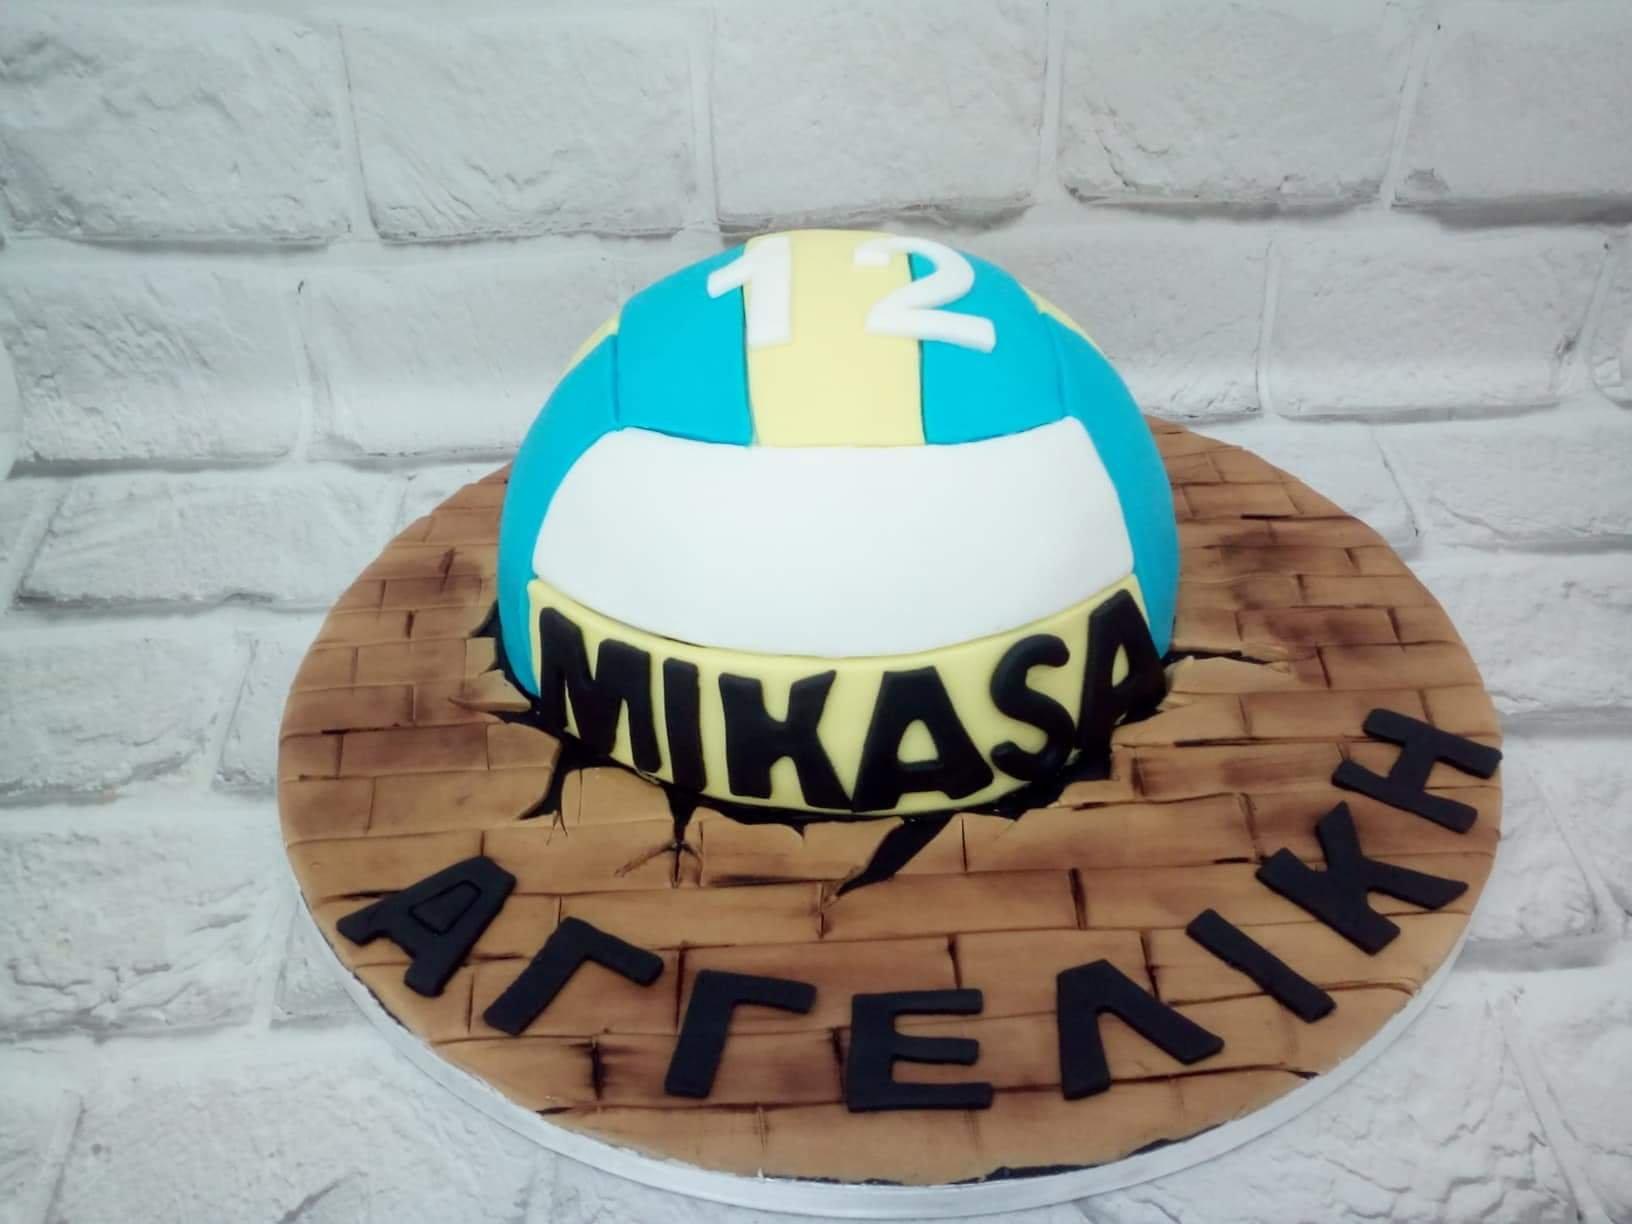 τούρτα απο ζαχαρόπαστα βολεϊ, Ζαχαροπλαστείο καλαμάτα madamecharlotte.gr, birthday theme cake 2d 3d confectionery patisserie kalamata